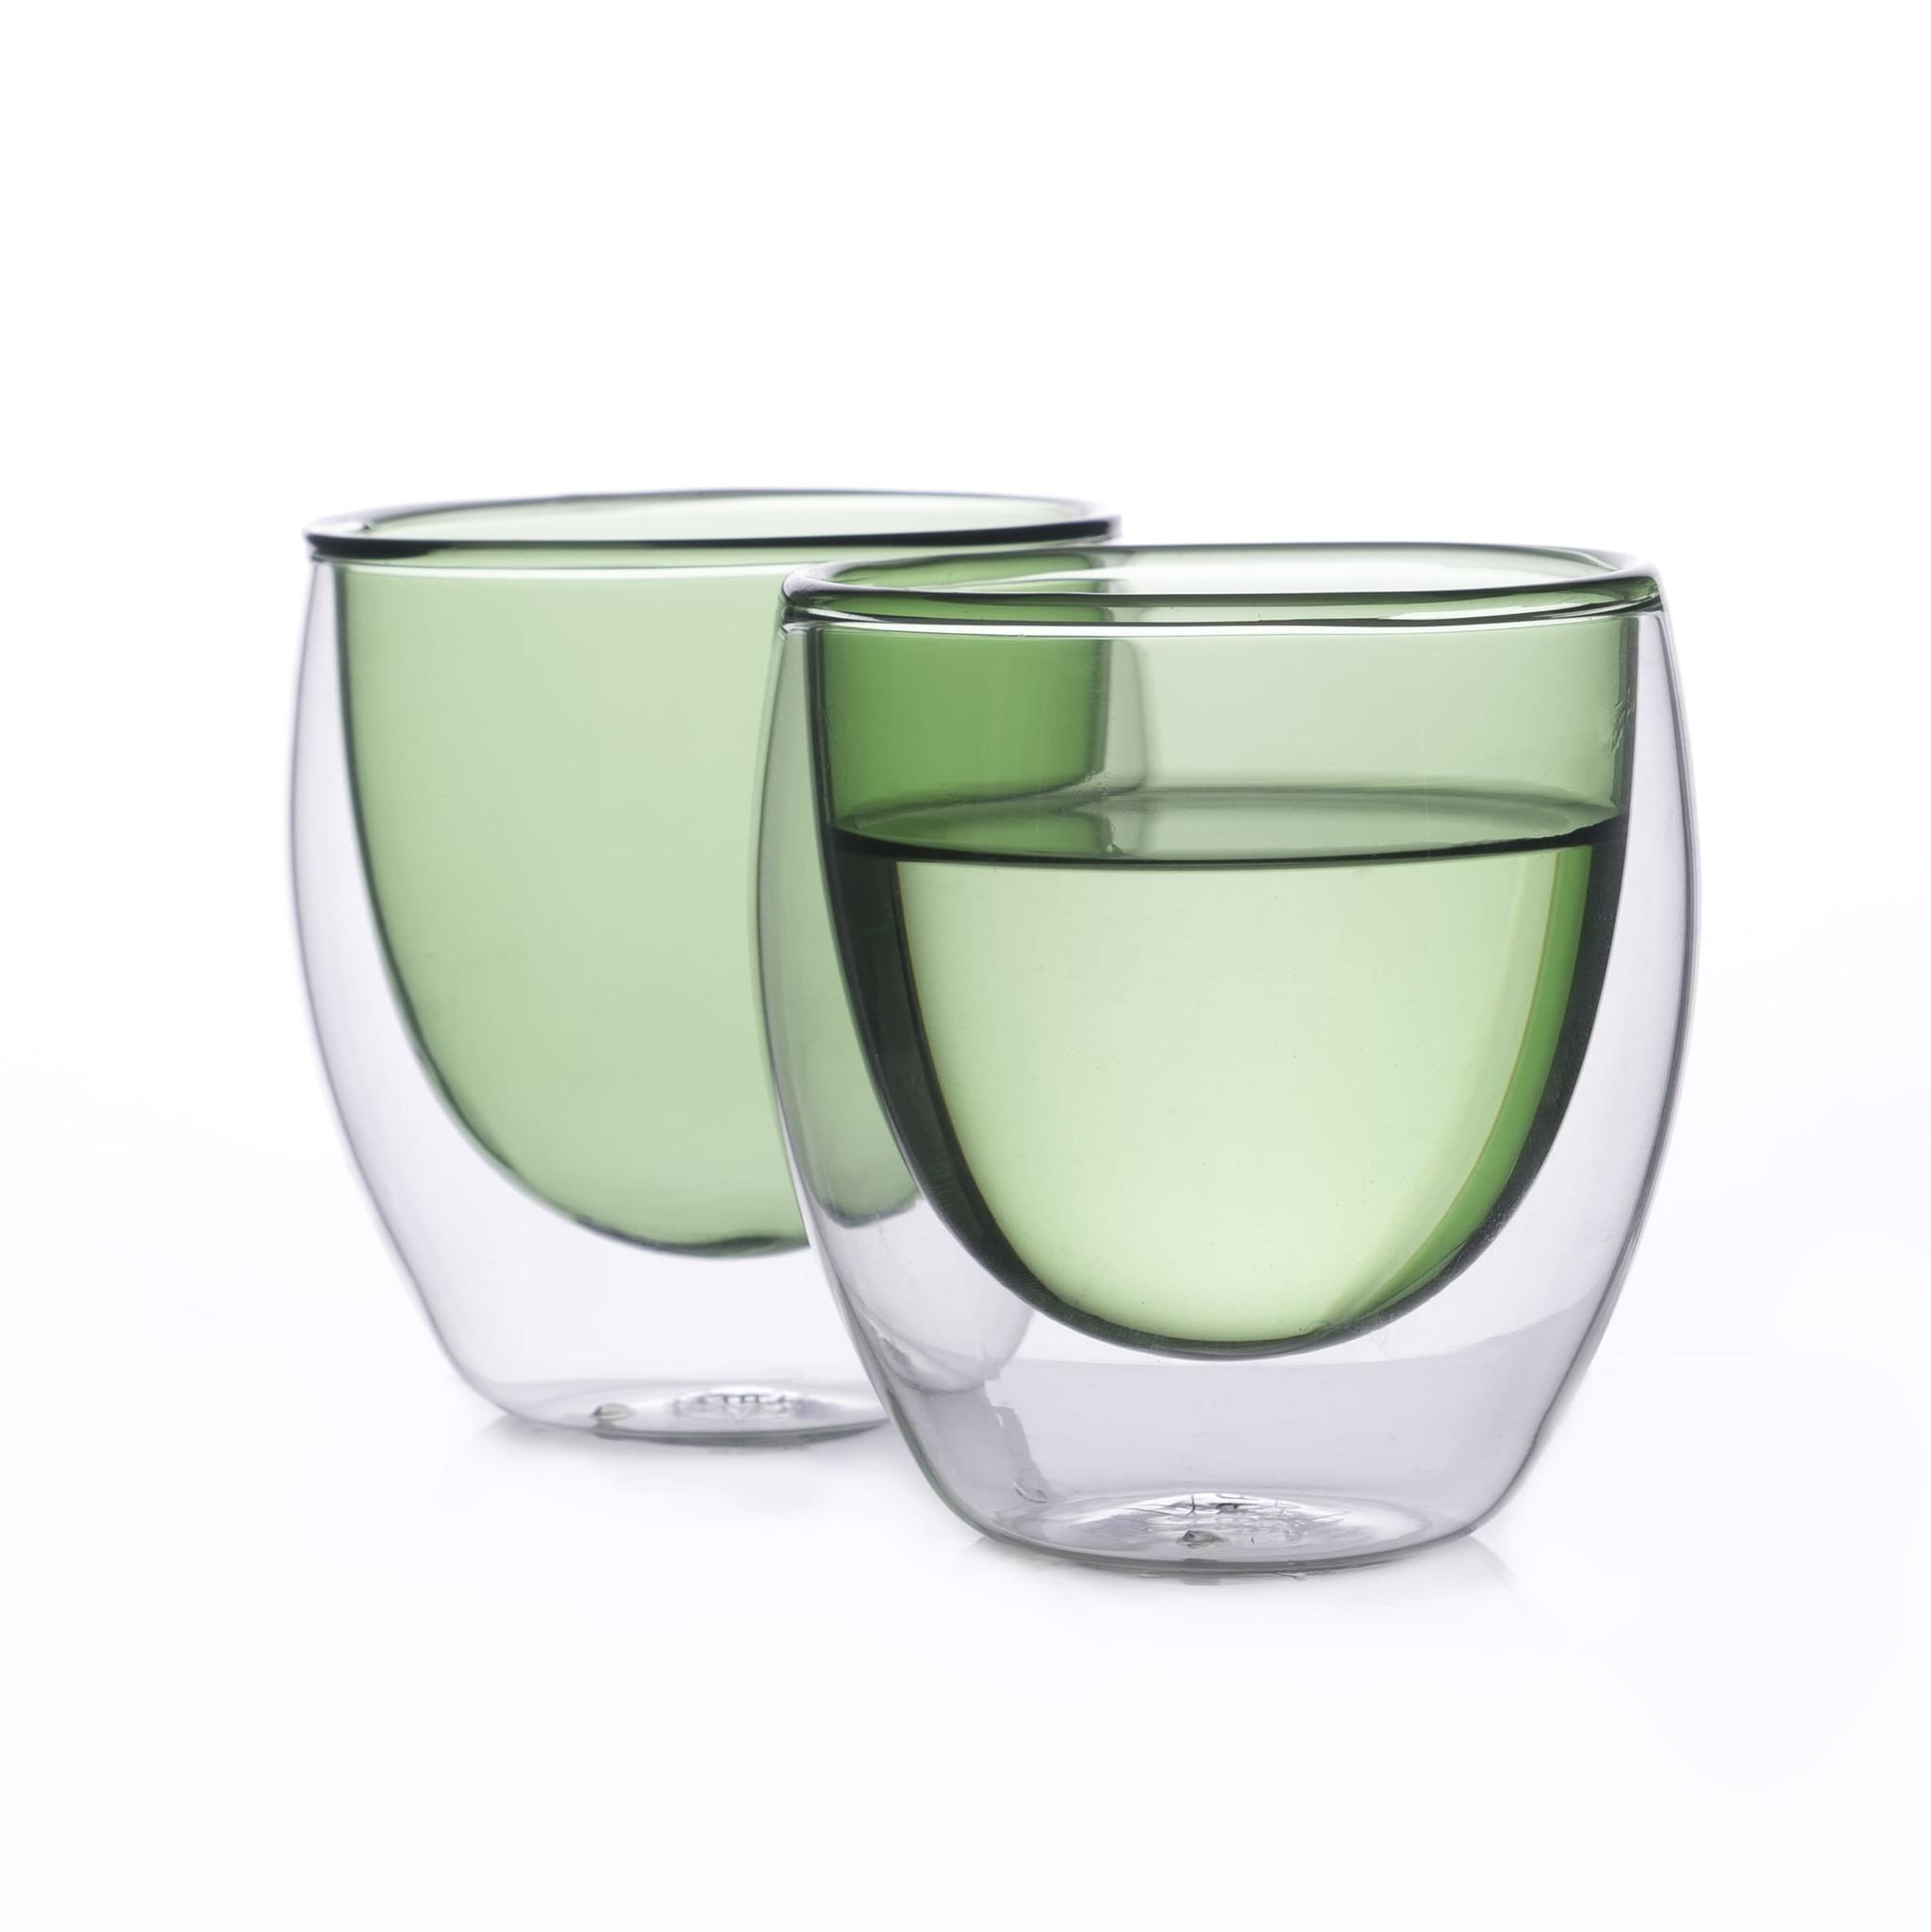 Наборы-Акции Набор стаканов из двойного стекла зеленого цвета 250мл, 2 шт. зеленый3.jpg